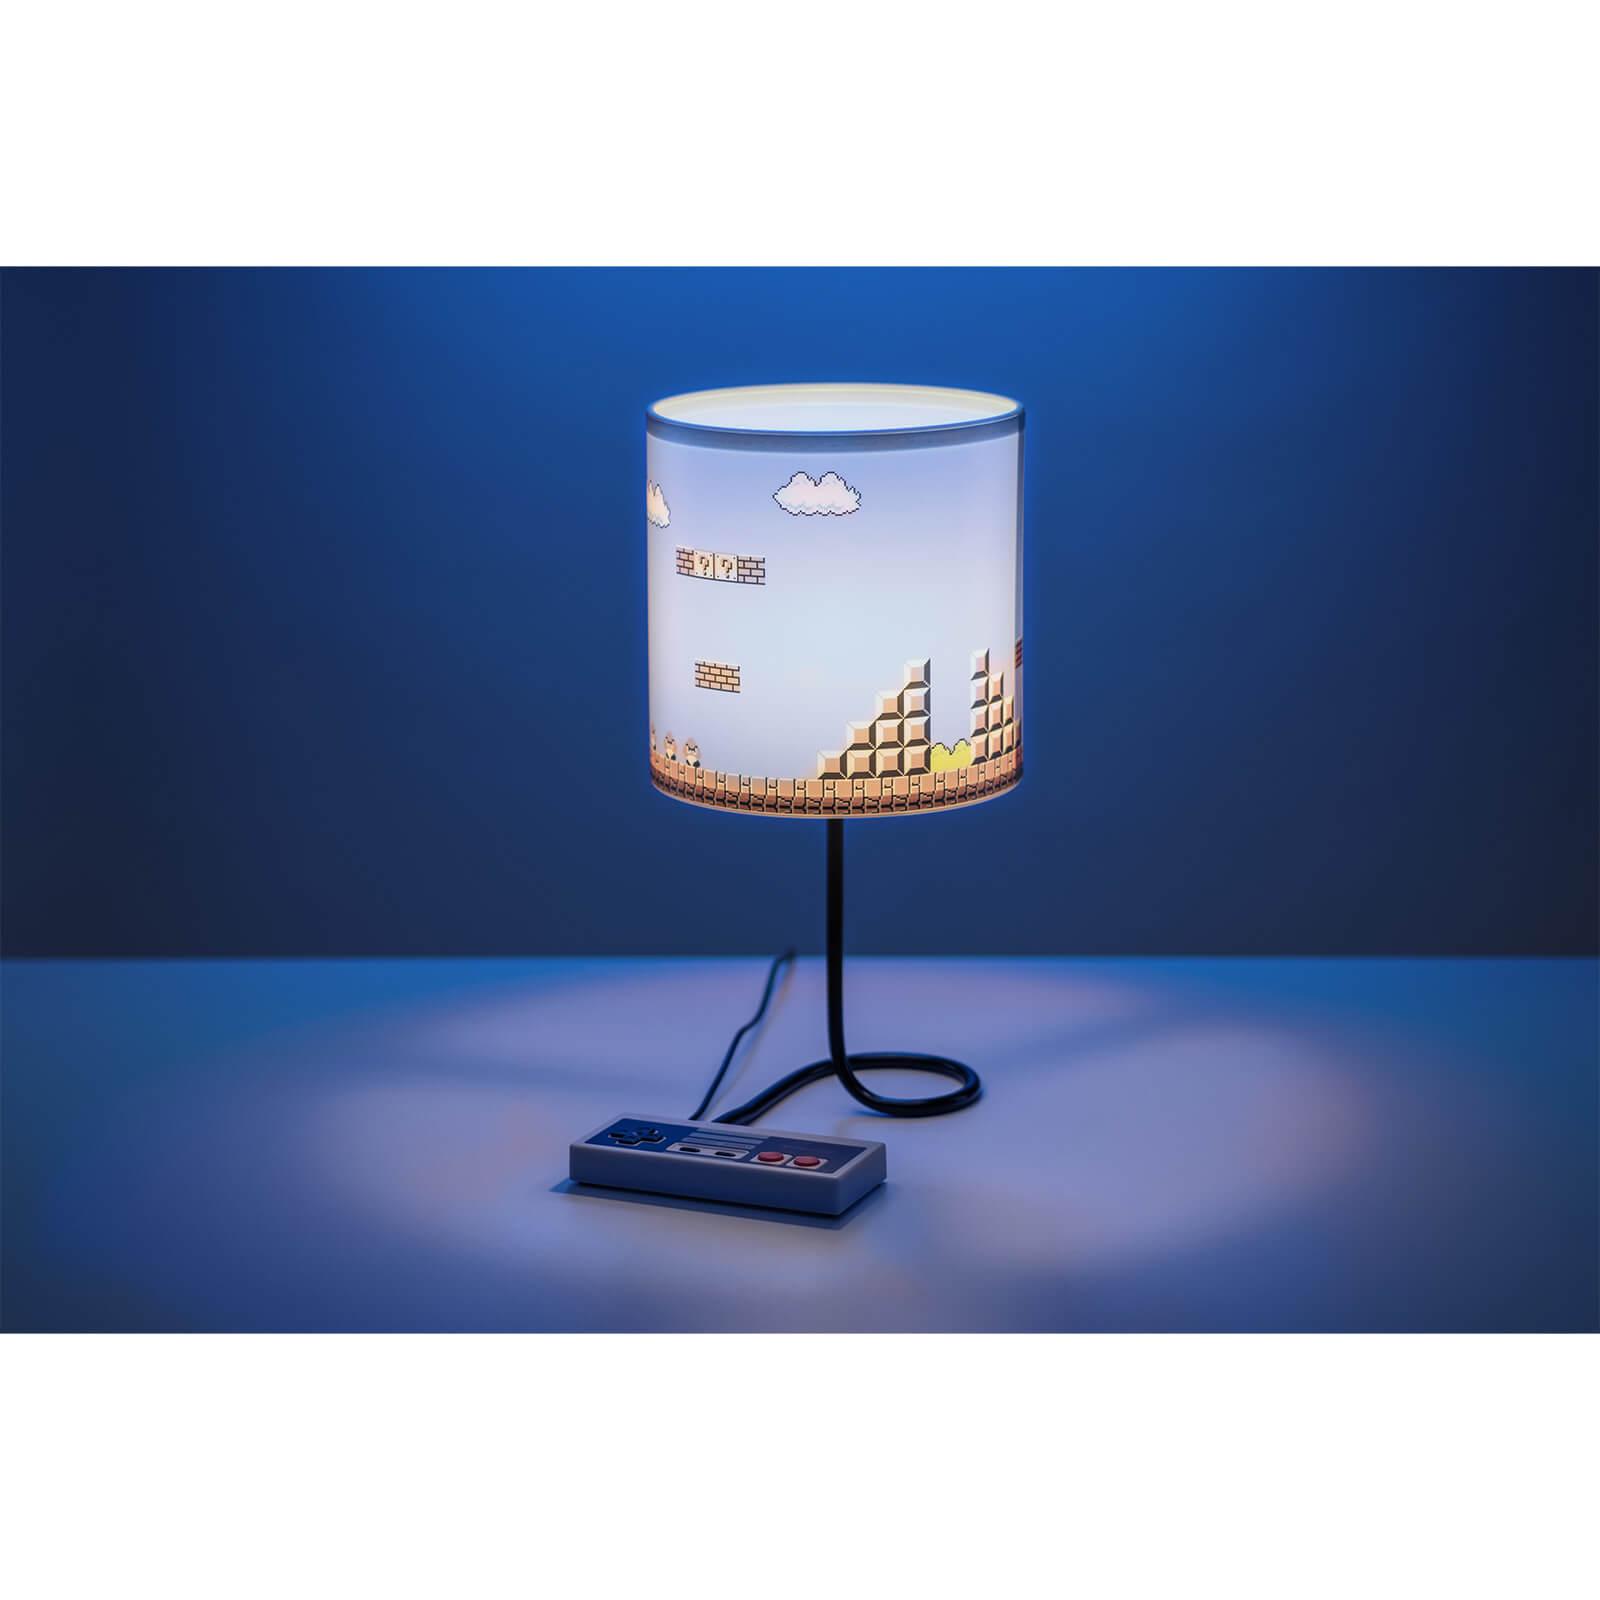 Nintendo NES Lampe für 24,48€ bei Zavvi   oder NES-Lampe, NES-Tasse und NES-Untersetzer für 34,99€ inkl. VSK